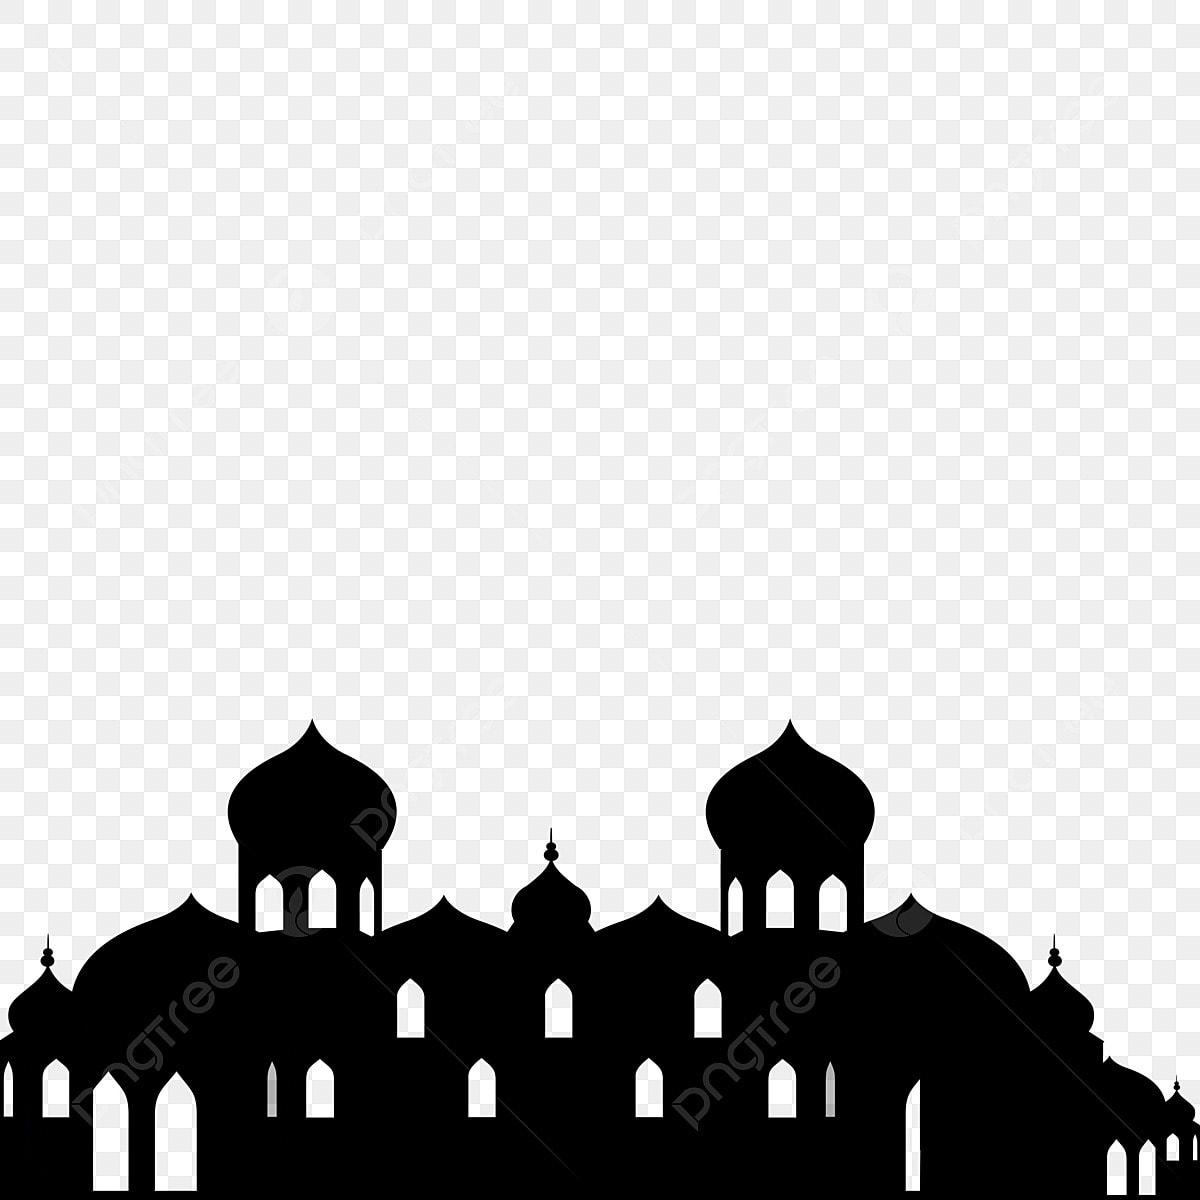 Gambar Bayangan Hitam Masjid Bayangan Hitam Masjid Masjid Hitam Bayangan Png Dan Psd Untuk Muat Turun Percuma